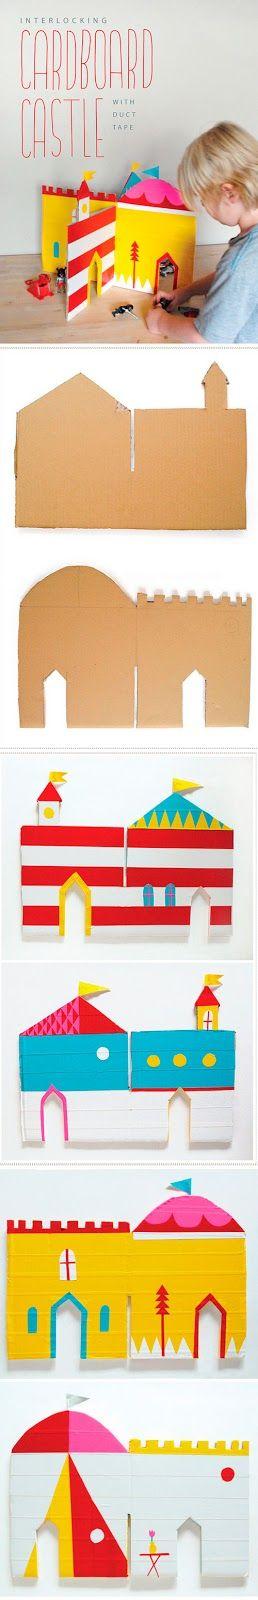 laif vidanaif: joguines de cartró